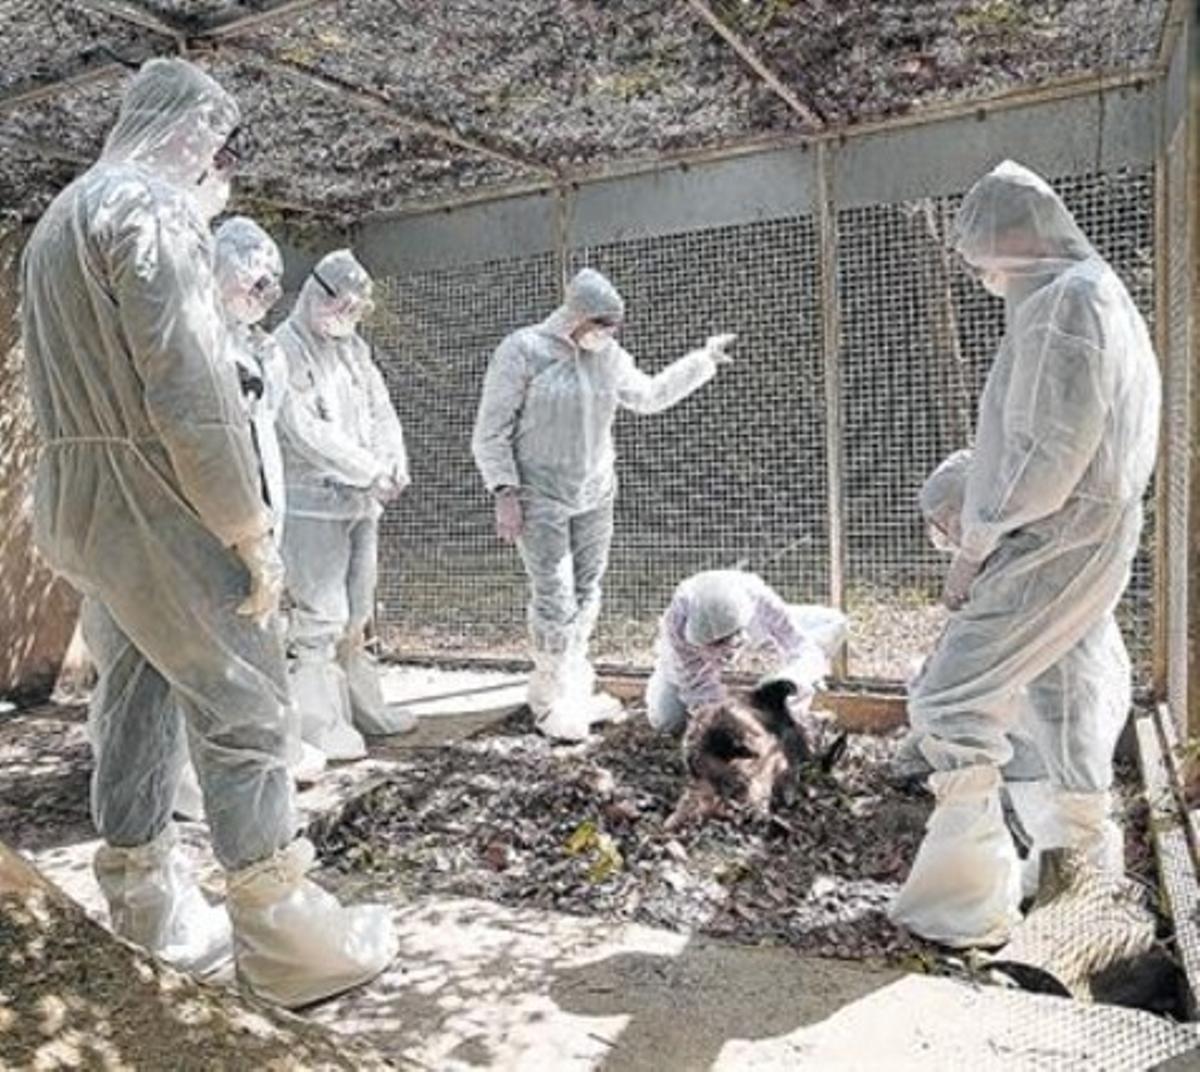 Curso de entomología forense organizado en Collserola por el Col·legi de Biòlegs y BCN Forensics.